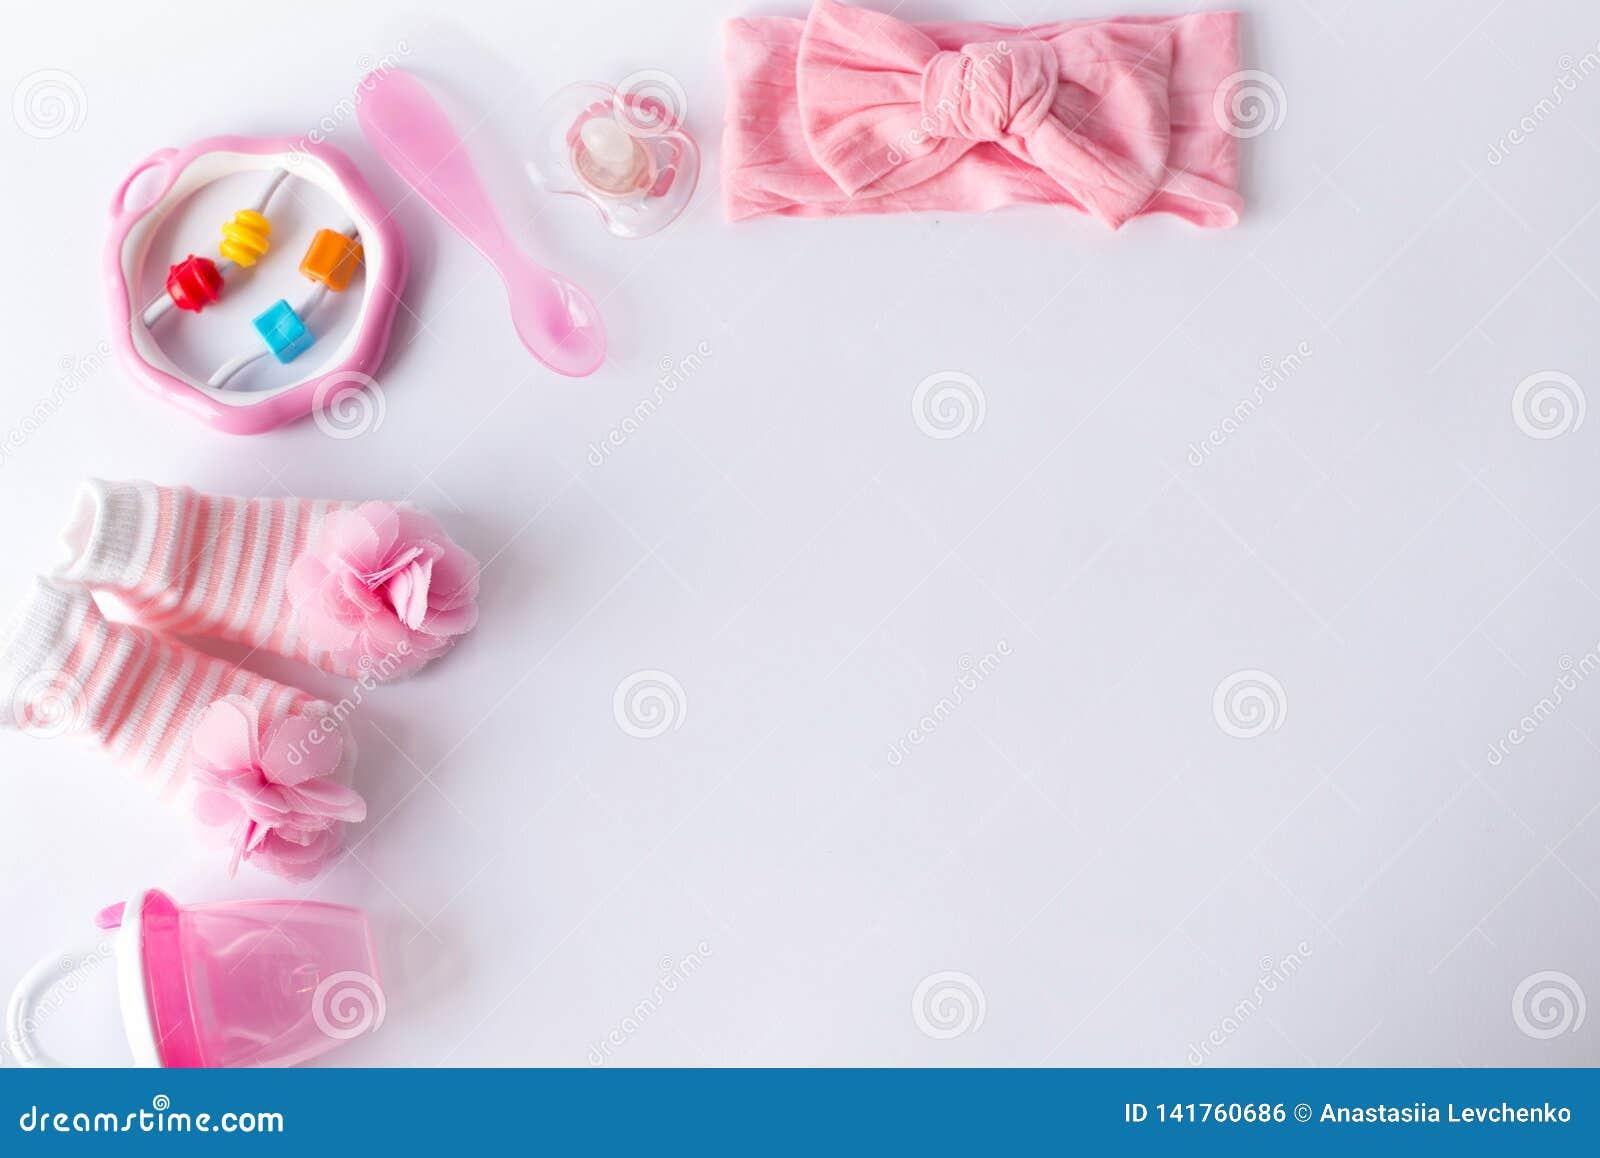 De toebehoren en het speelgoed van het babymeisje op witte achtergrond met lege ruimte voor tekst; de hoogste vlakke mening, legt